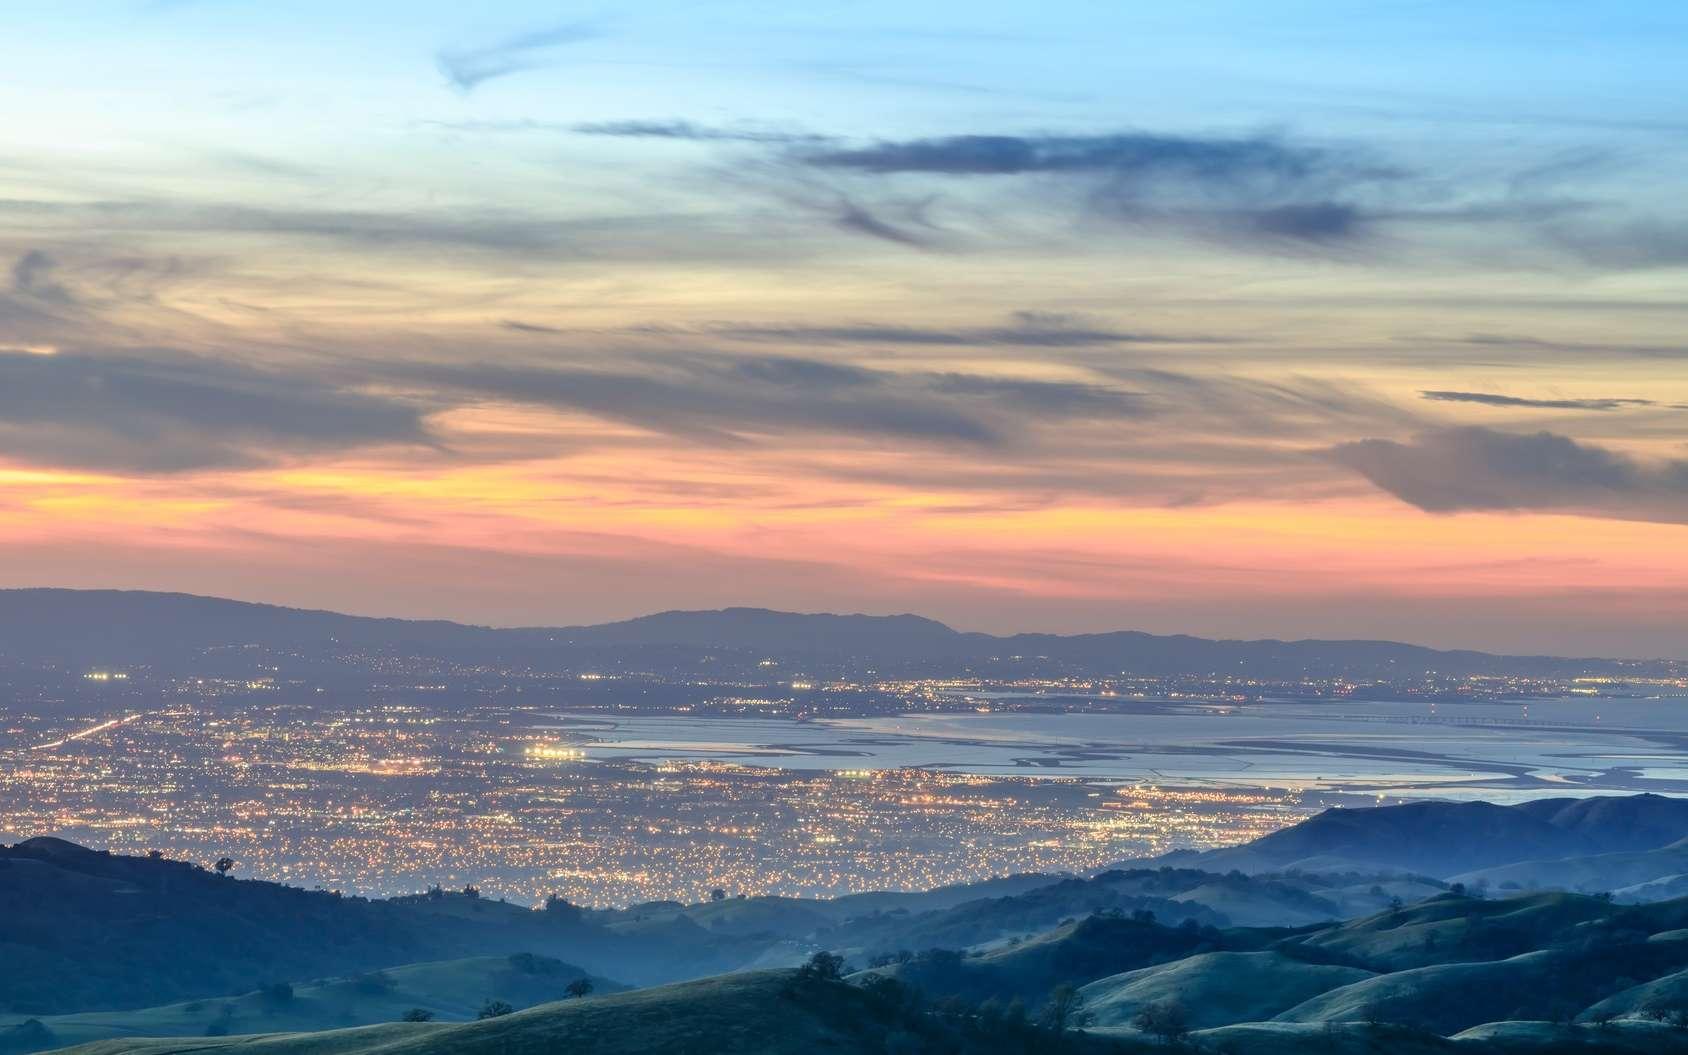 La Silicon Valley se trouve dans la baie de San Francisco. Est-elle menacée par les inondations ? © Yuval Helfman, Fotolia